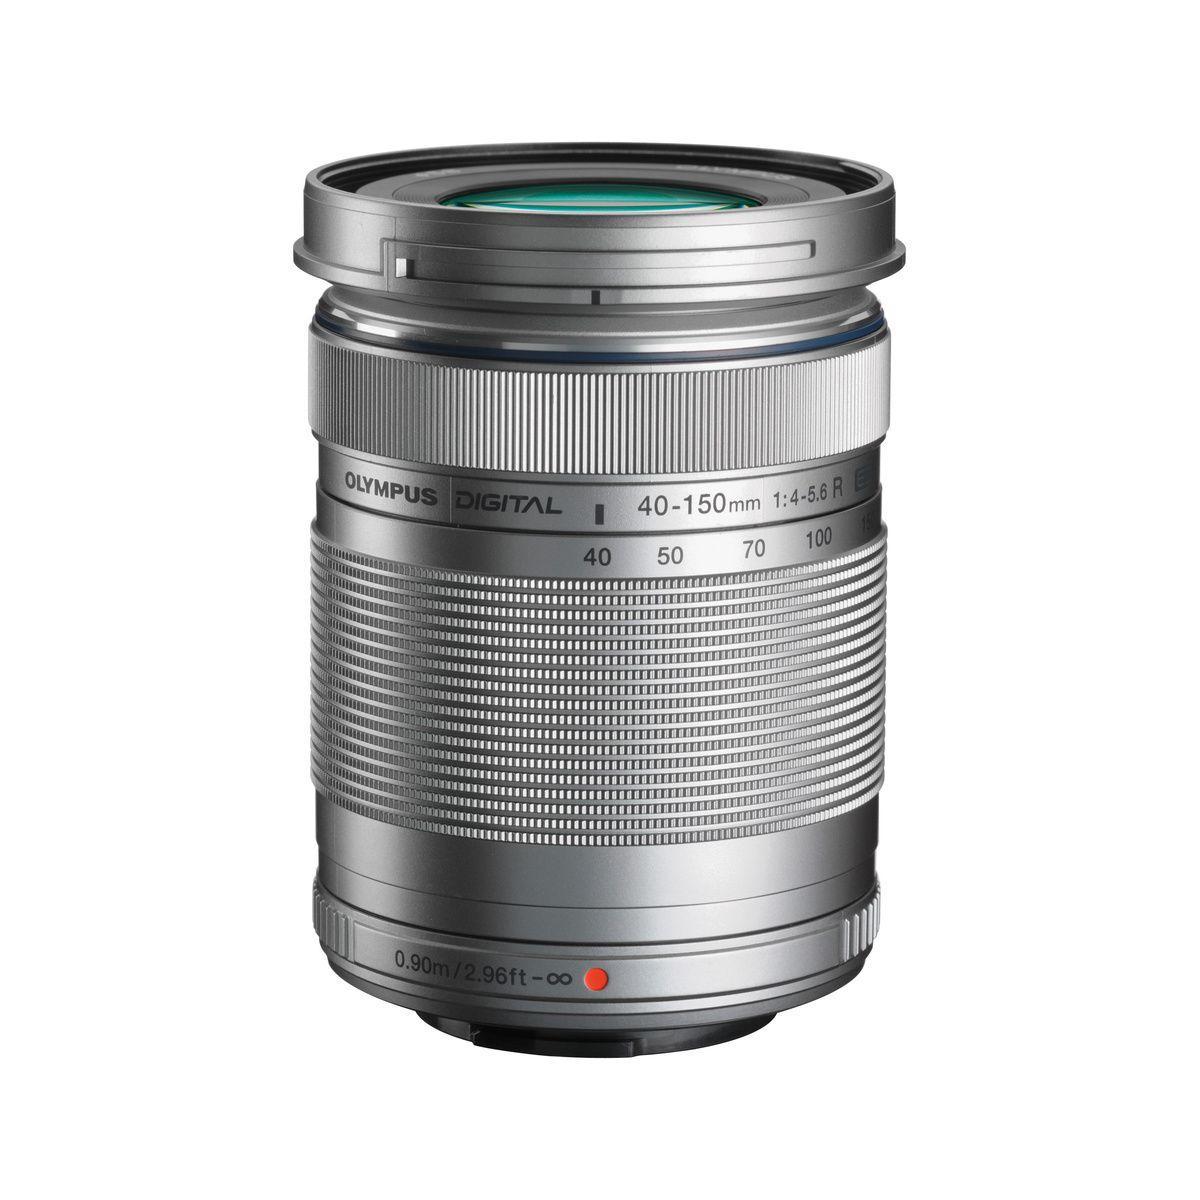 Objectif pour hybride olympus 40-150mm r f/4.0-5.6 silver m.zuiko - 10% de remise imm�diate avec le code : fete10